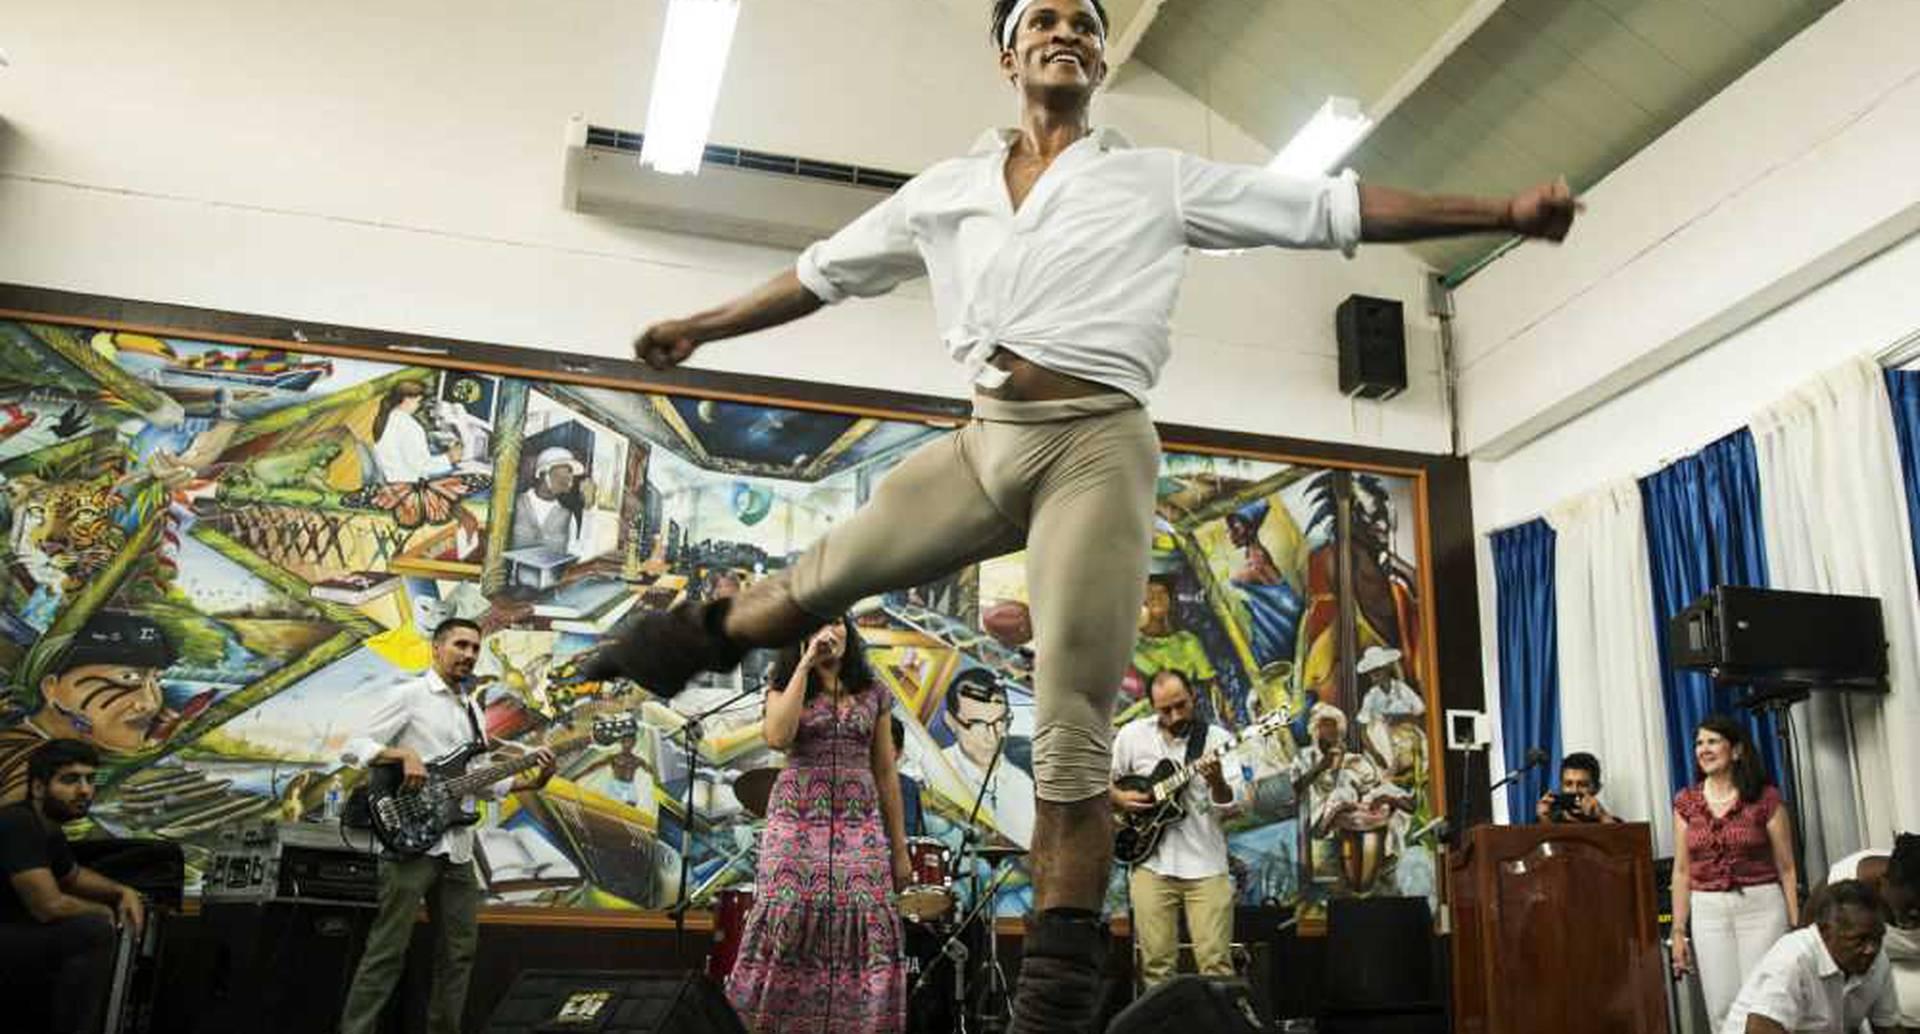 Junto a la banda de jazz bogotana Surikato, Fernando Montaño bailó durante media hora en el auditorio de la Universidad del Pacífico (Buenaventura). Antes de subirse a la tarima inspiró al público con su historia de vida. Foto: David Amado / SEMANA.